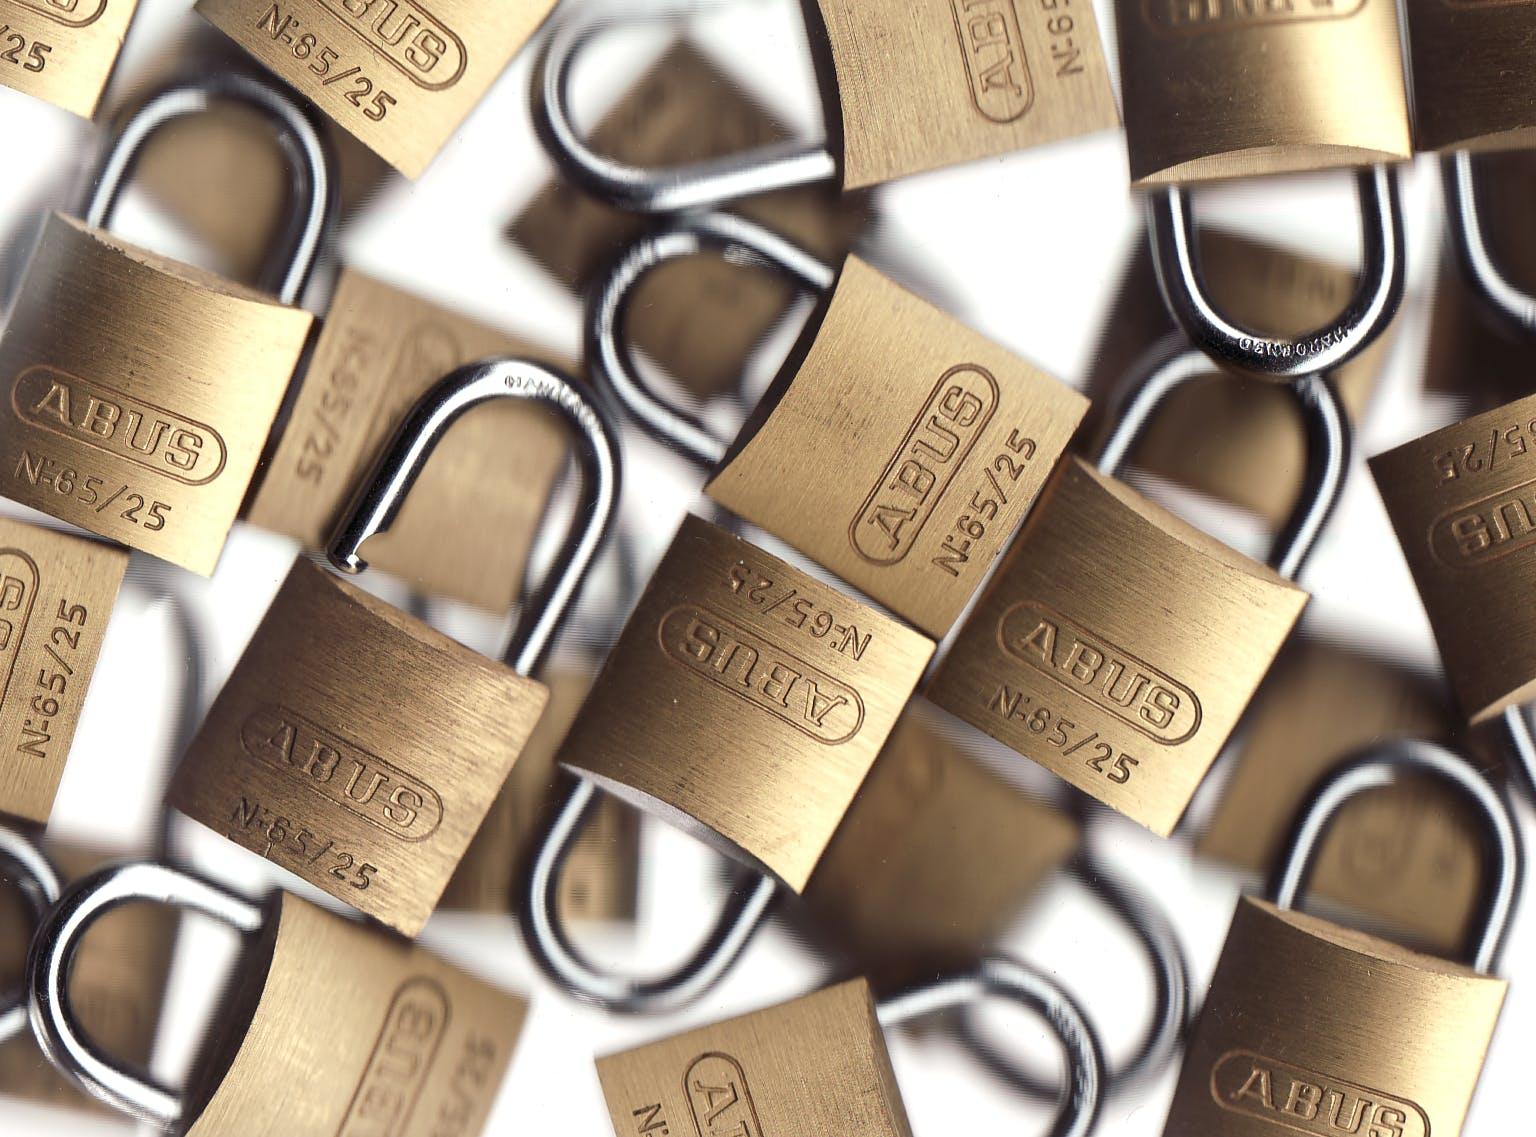 Für ein sicheres Internet: Mit DNSSEC gegen Phishing und DNS-Poisoning